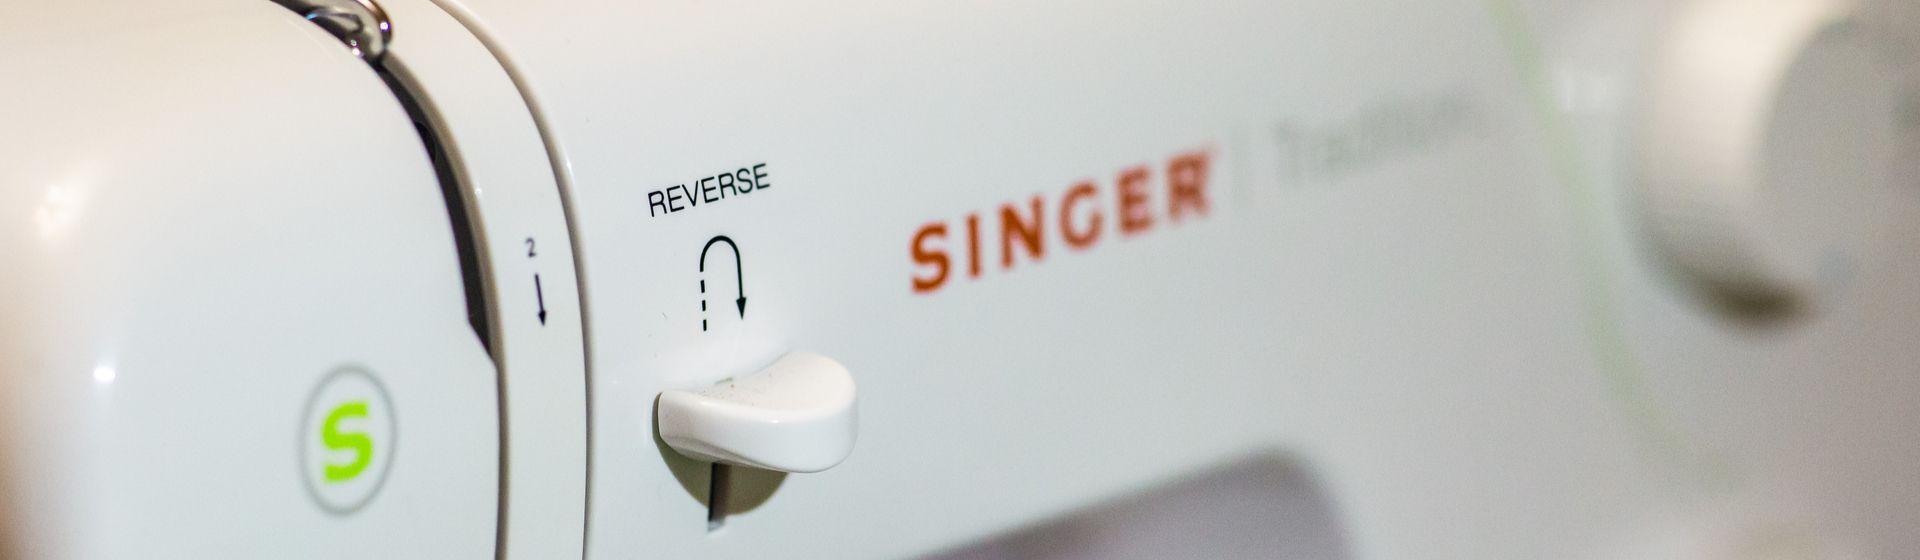 Máquina de Costura Singer: os melhores modelos para comprar em 2020